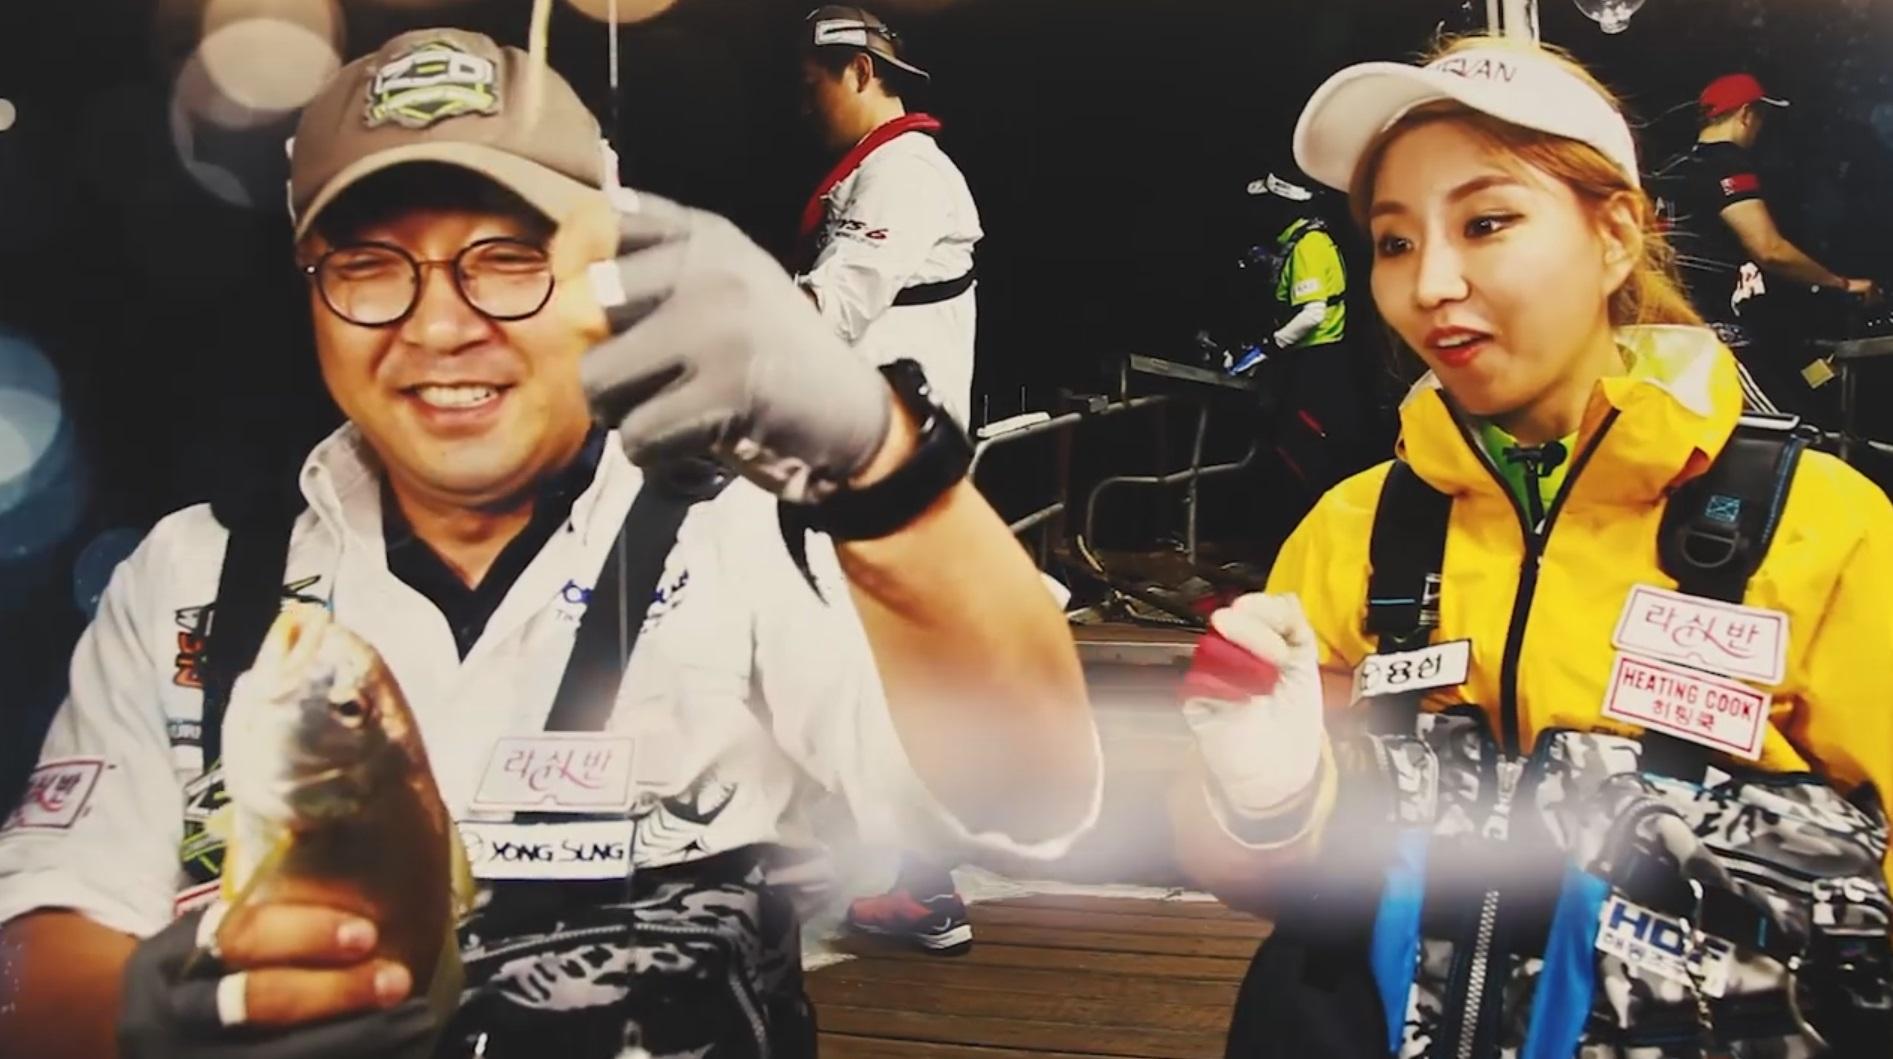 마산 앞바다 보구치(백조기)낚시 인기...트로트 걸그룹 '삼순이'도 반한 손맛과 입맛